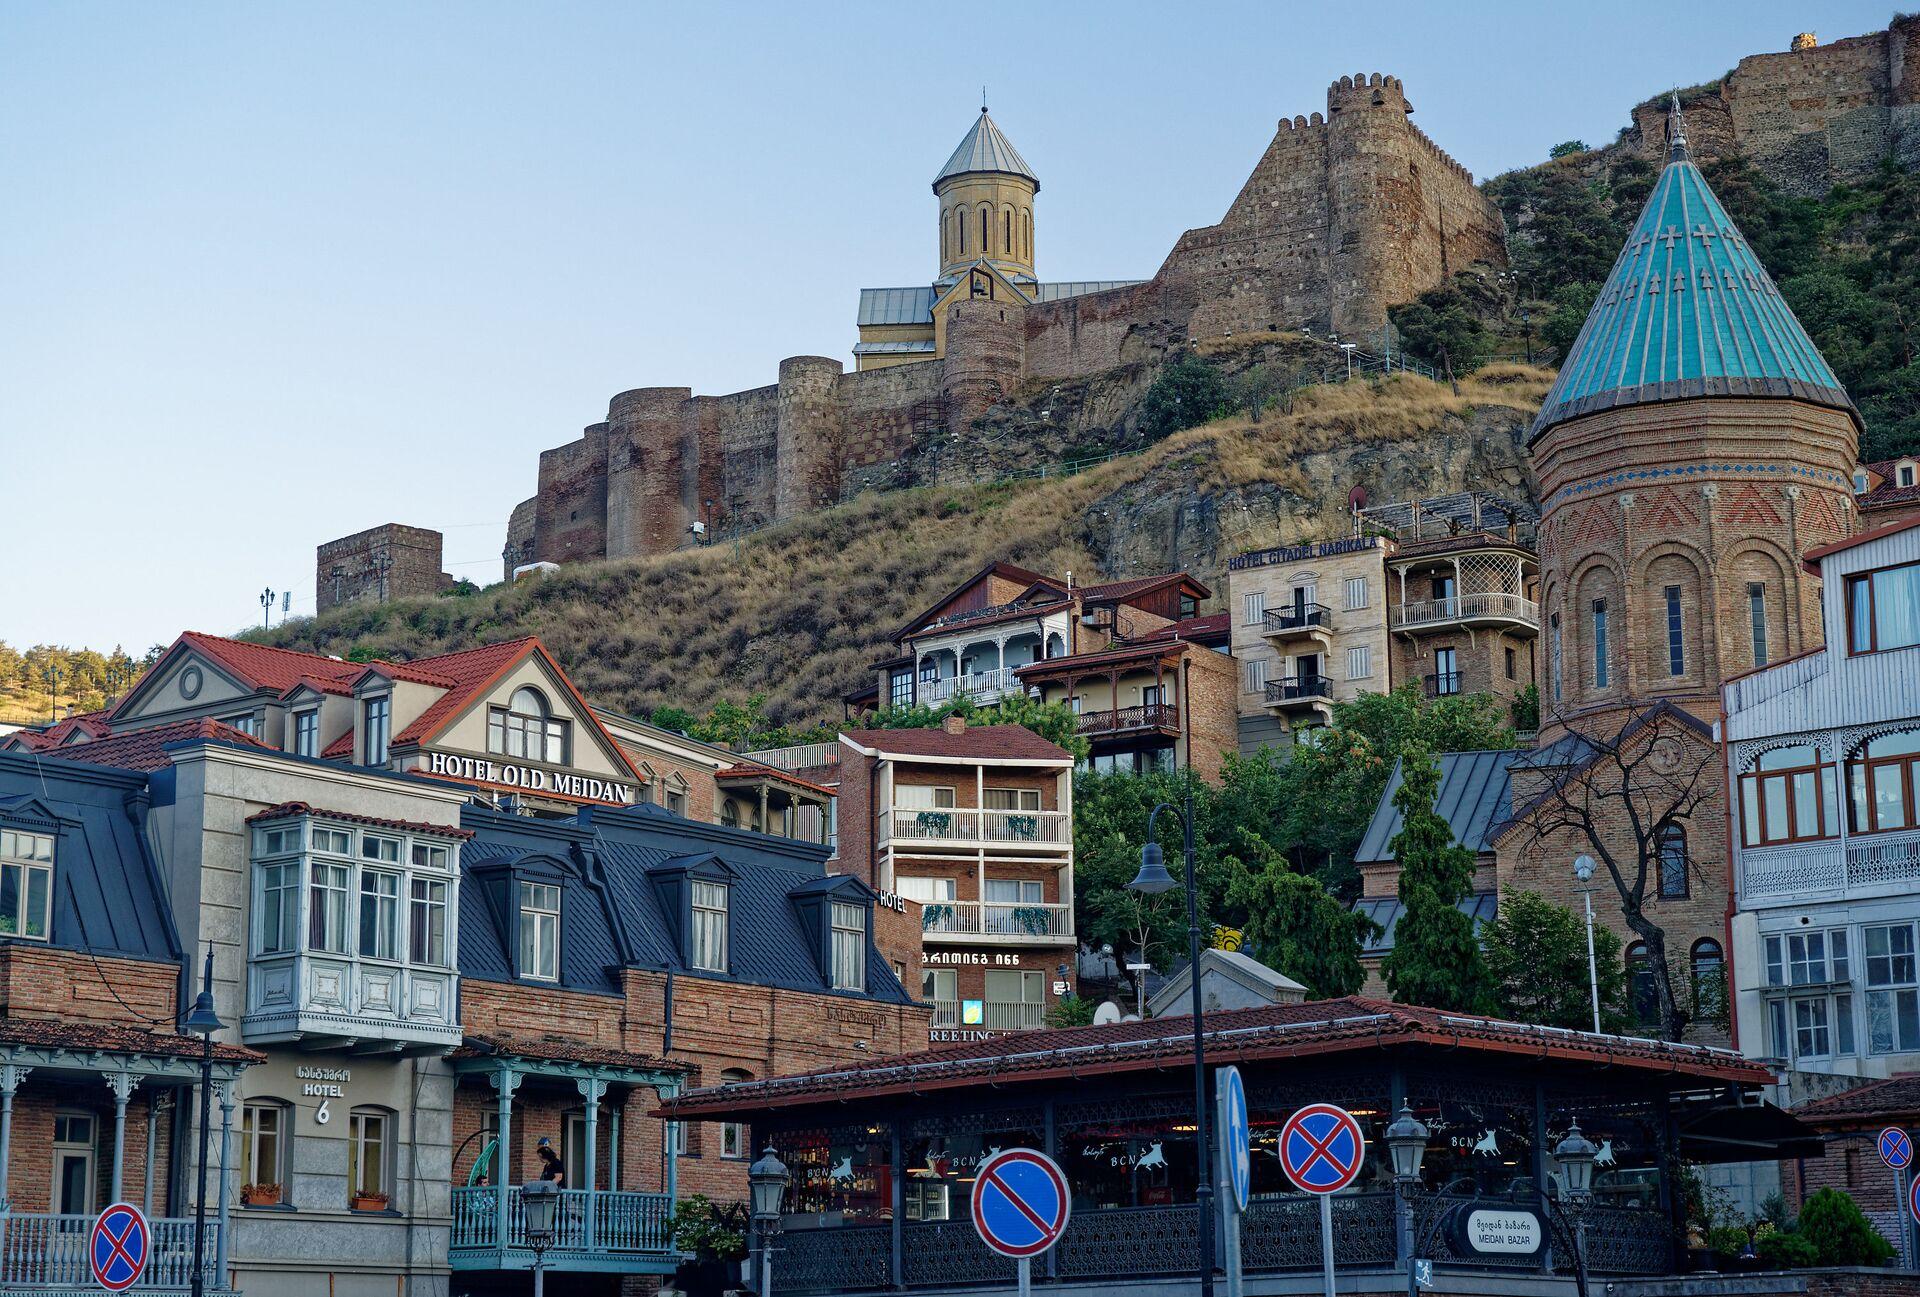 Старый город - историческая часть Тбилиси. Крепость Нарикала и район Калаубани - Sputnik Грузия, 1920, 30.09.2021